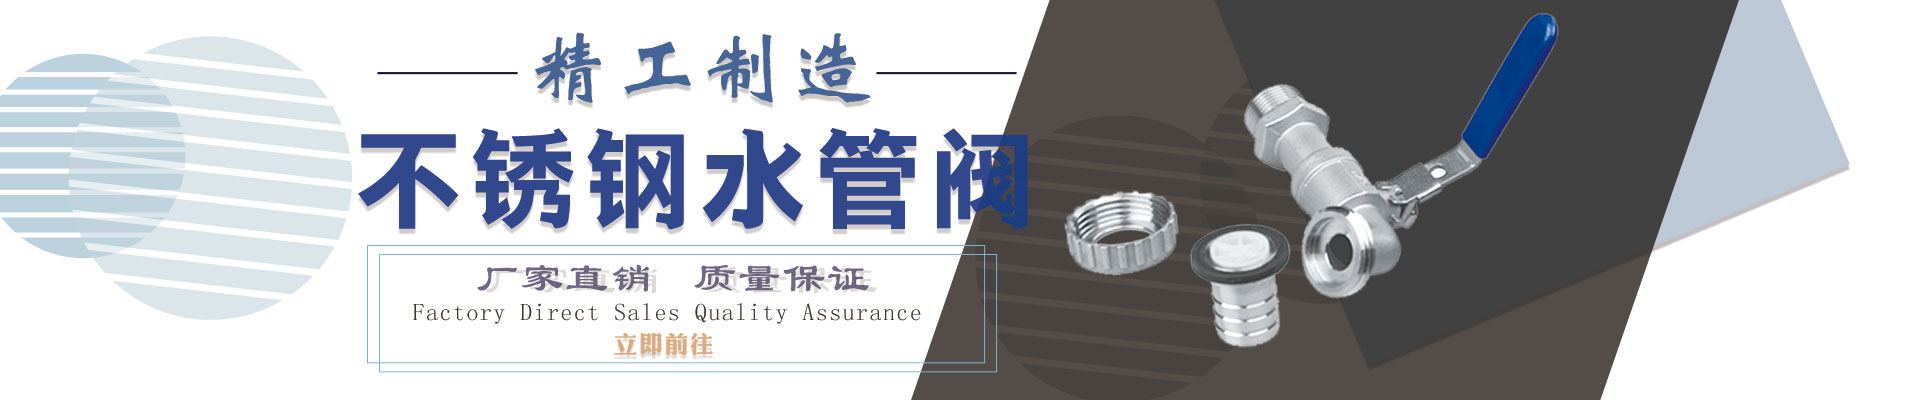 沧州市坤泰金属制品制造有限公司